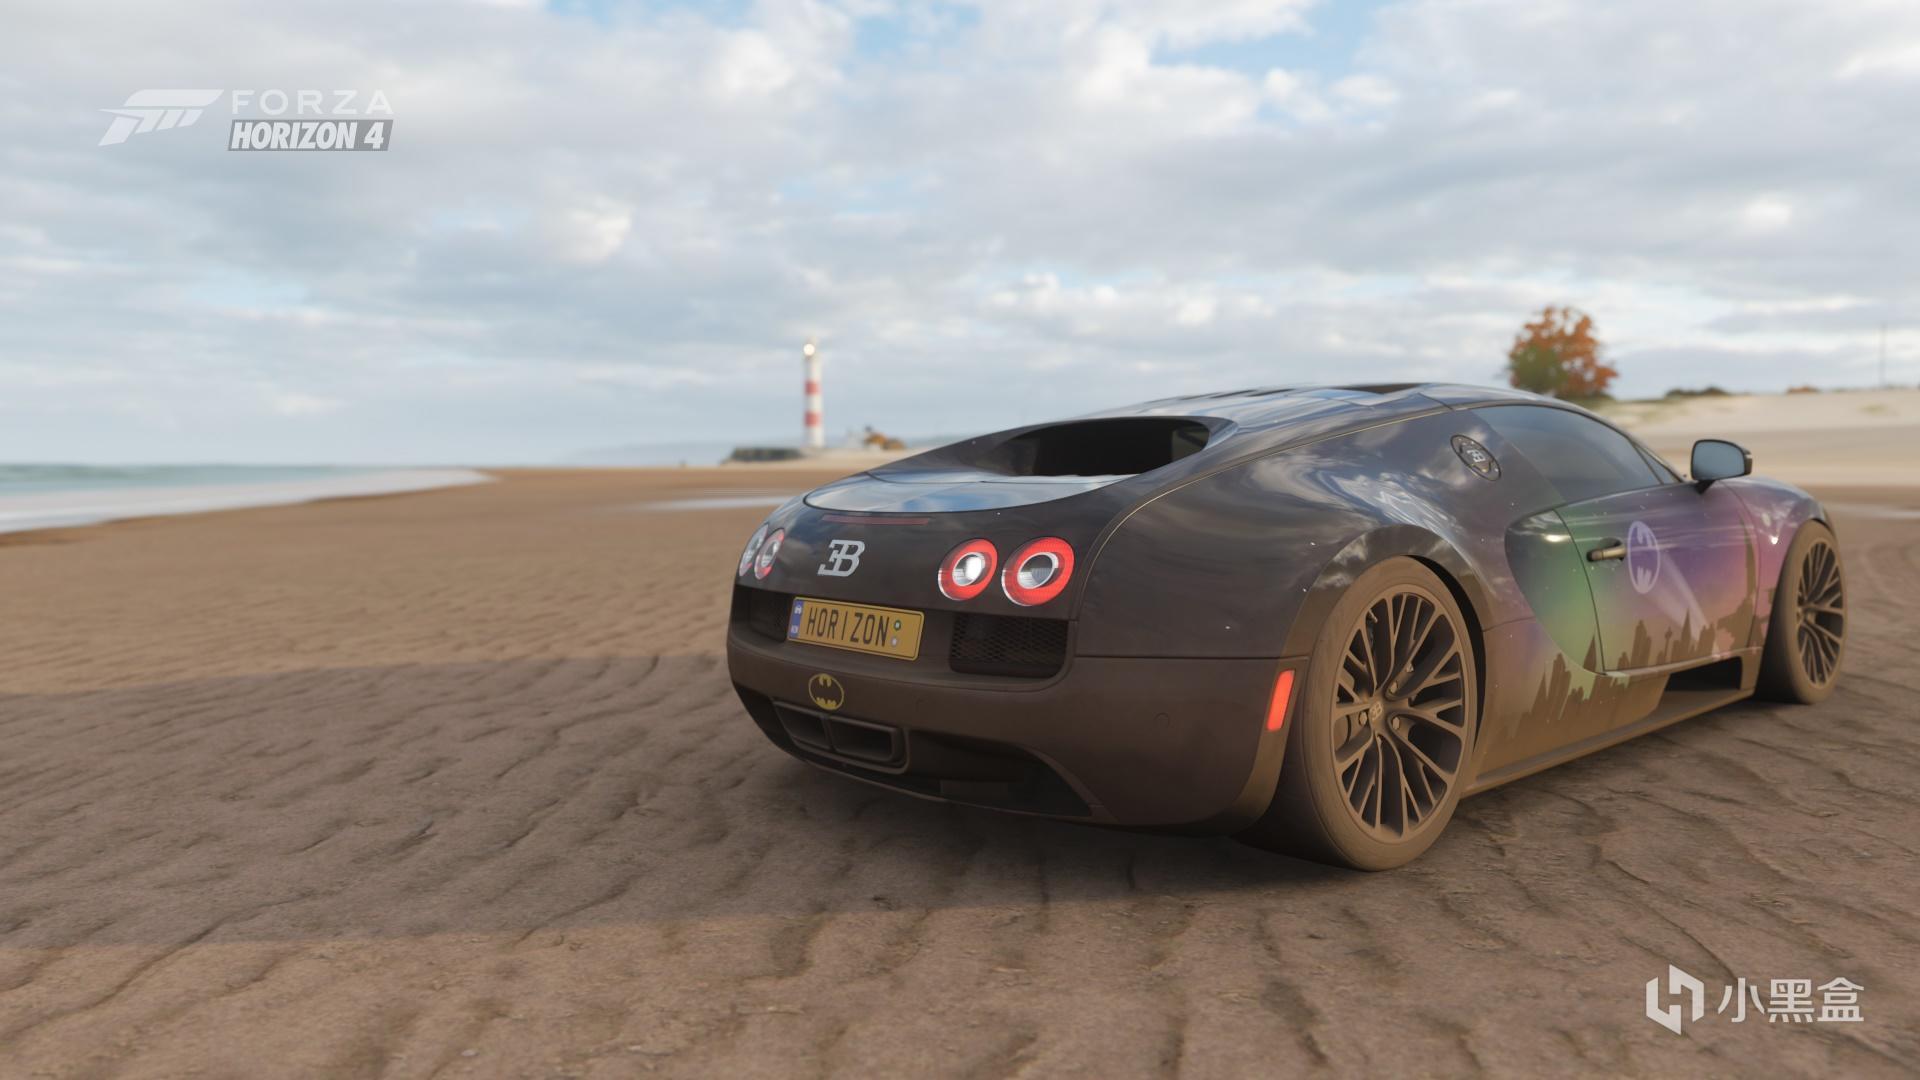 《地平线4新手指南》如何驾驭车:从入门到精通